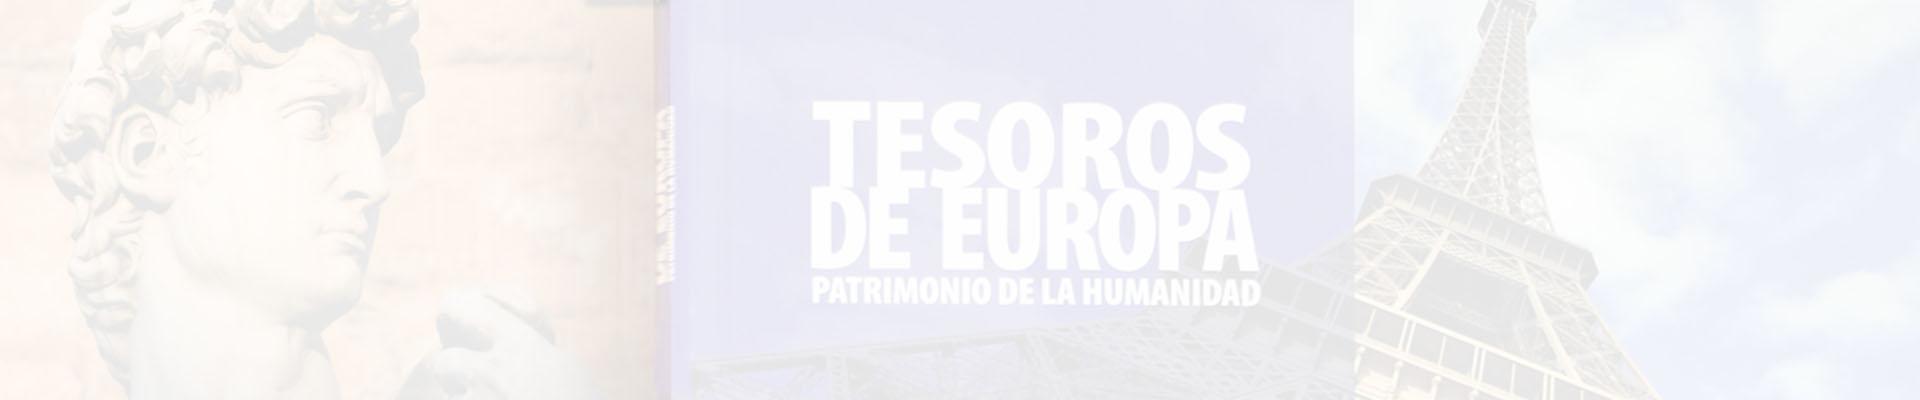 fondo Tesoros de Europa